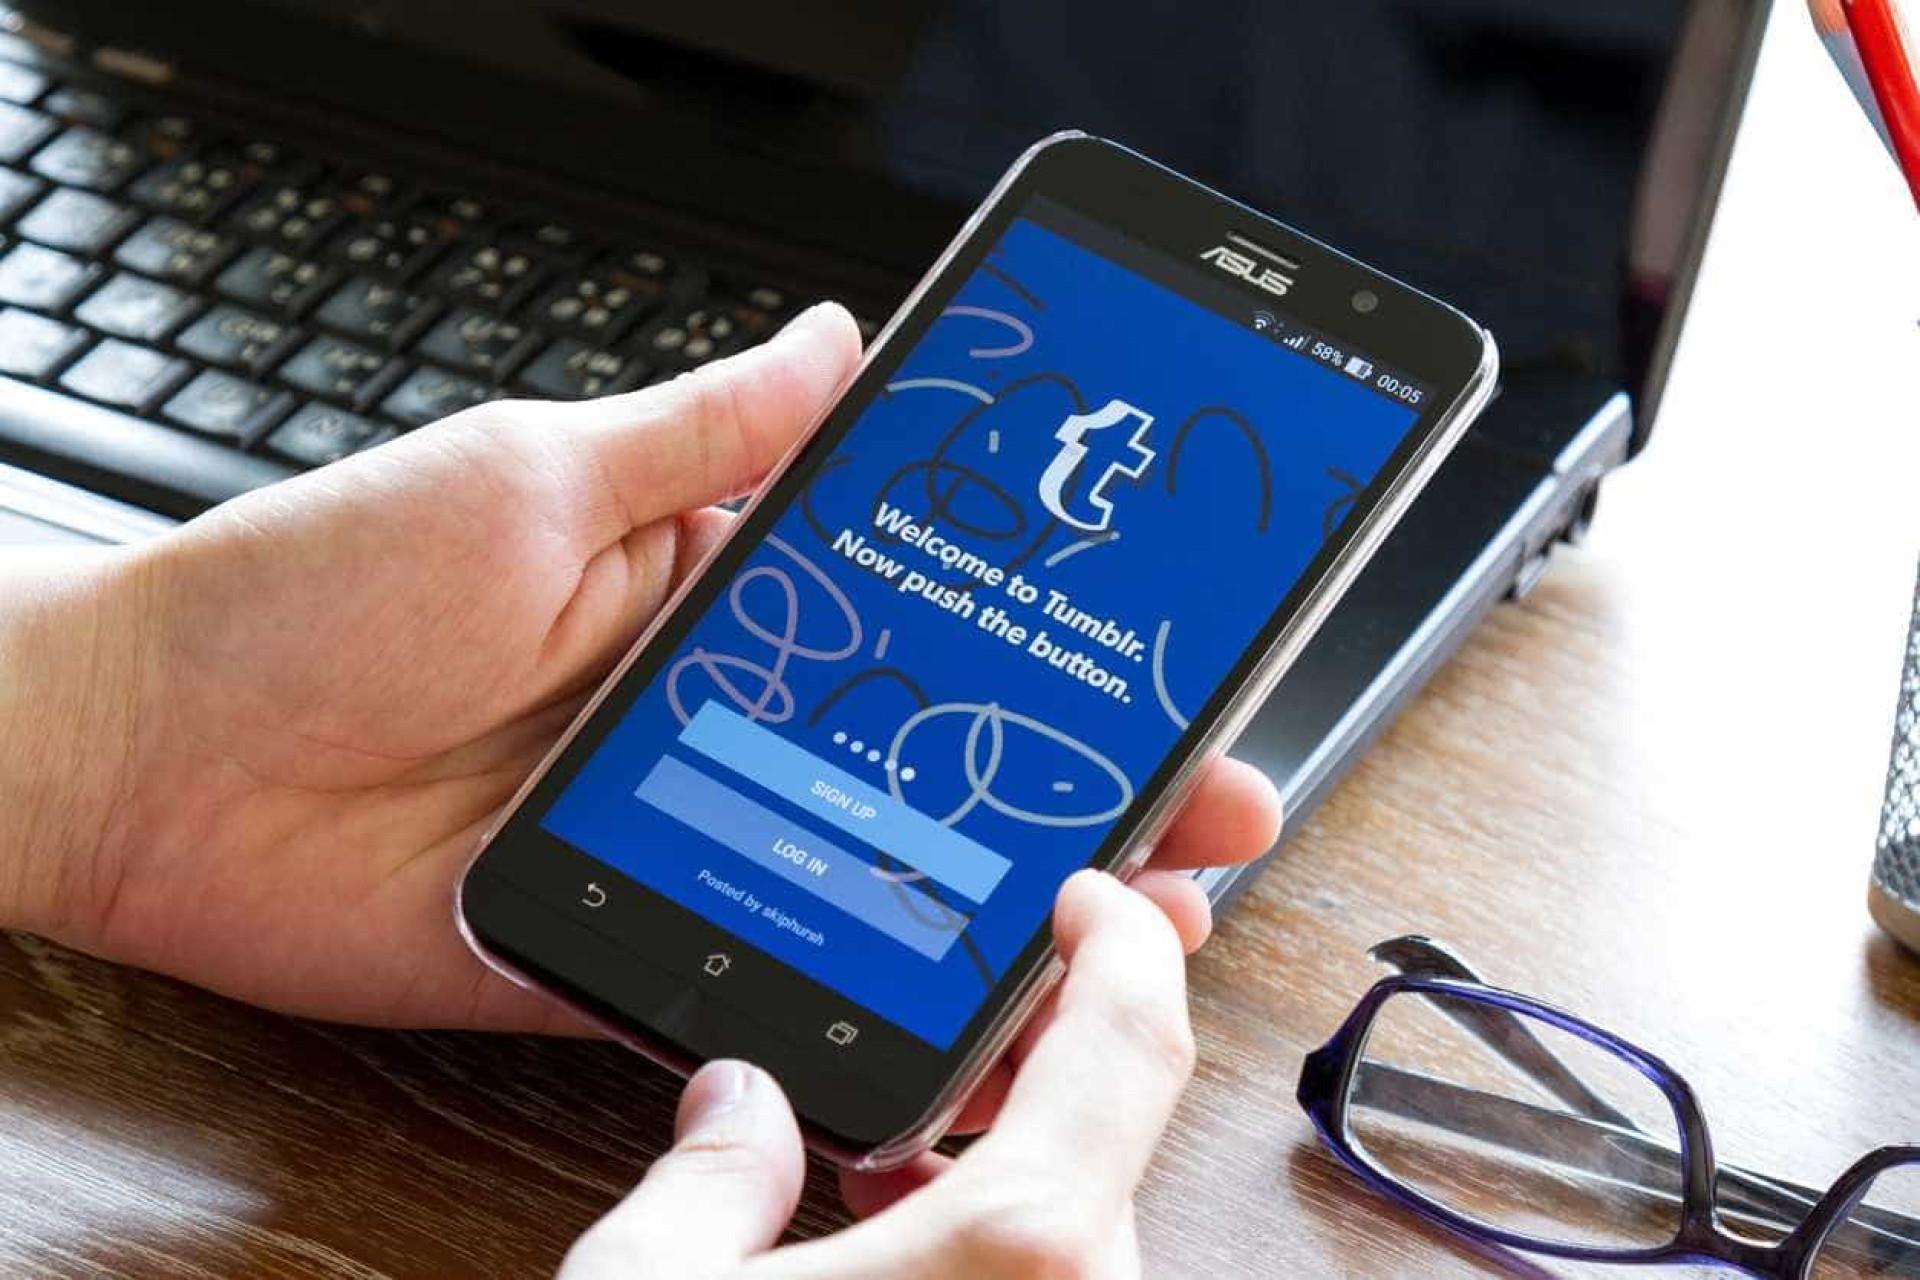 Saiba quais são as maiores redes sociais do mundo